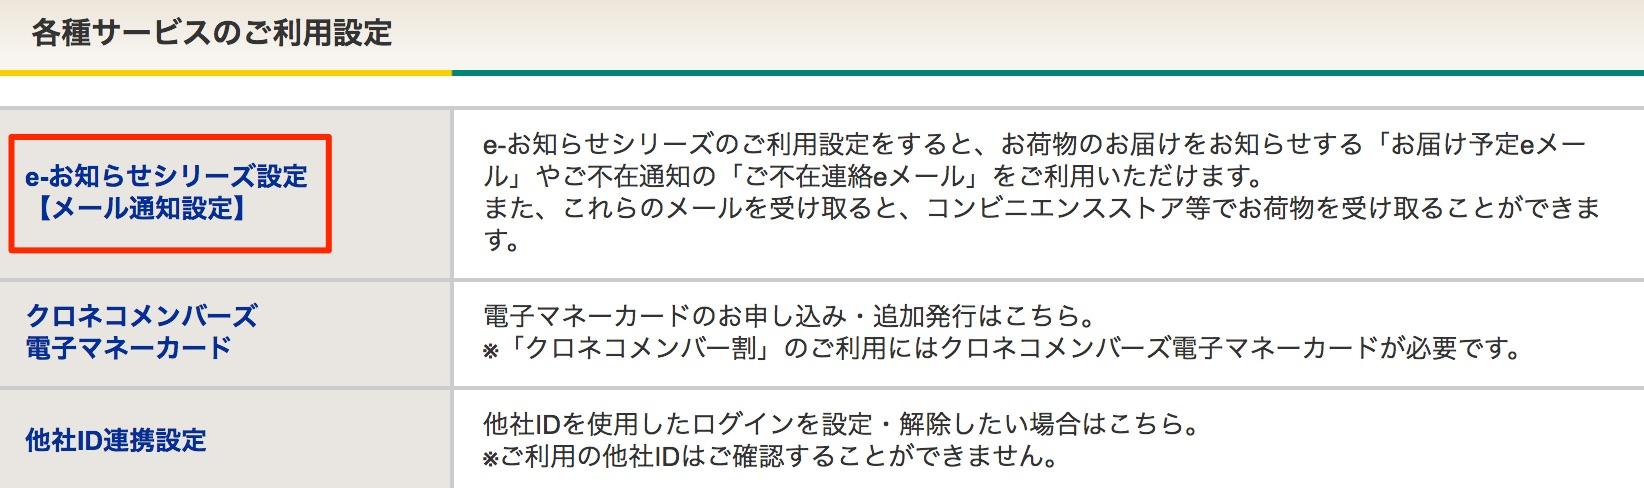 赤枠の「e-お知らせシリーズ設定」